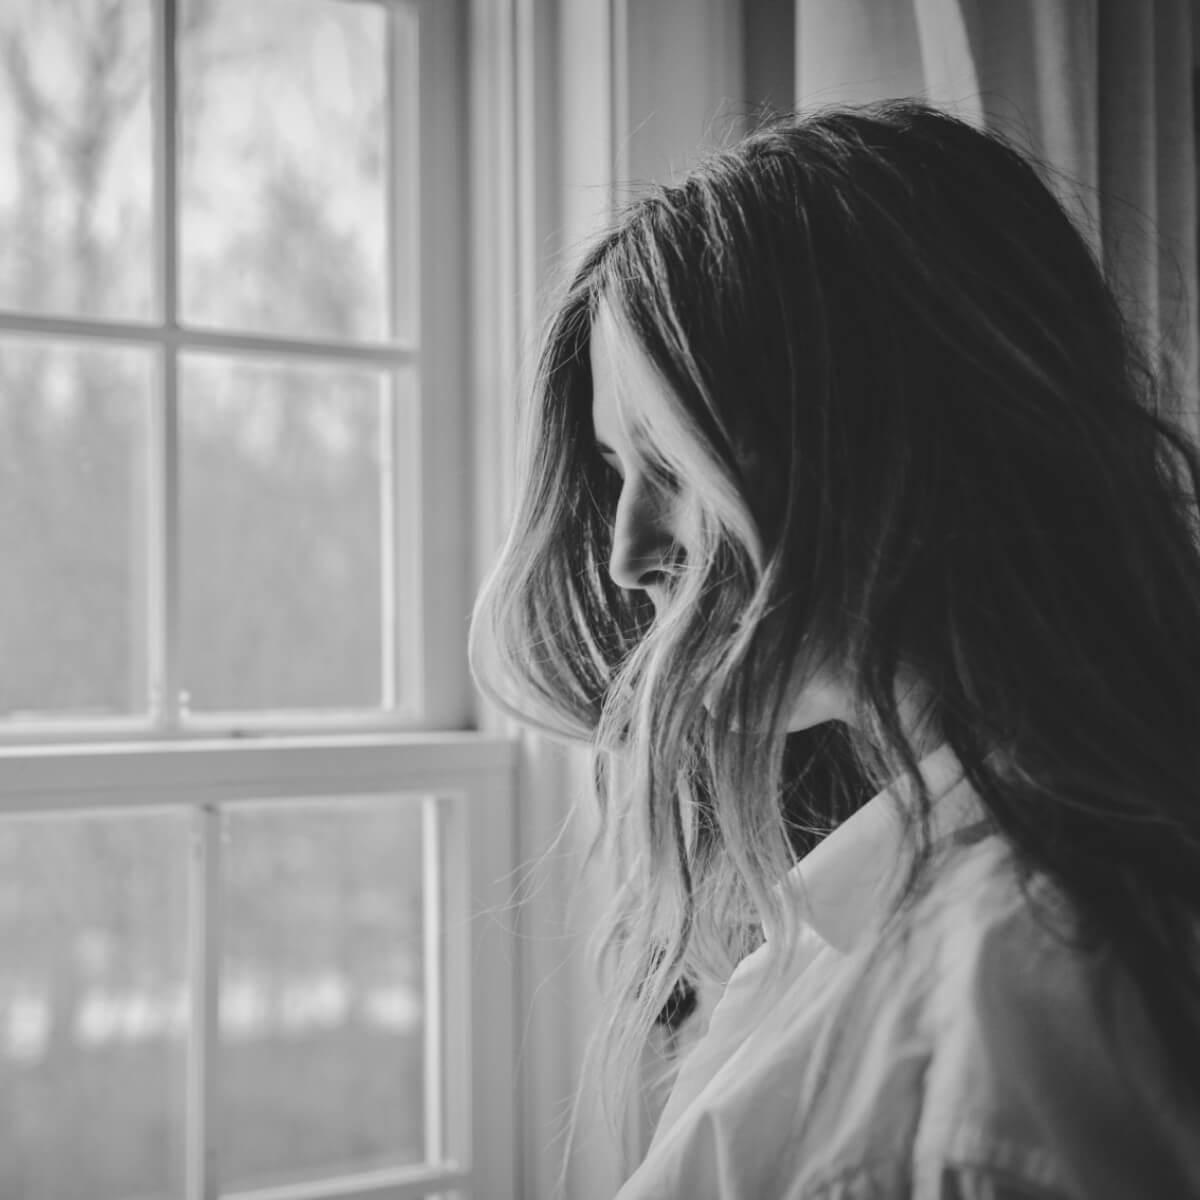 mujer viendo hacia la ventana